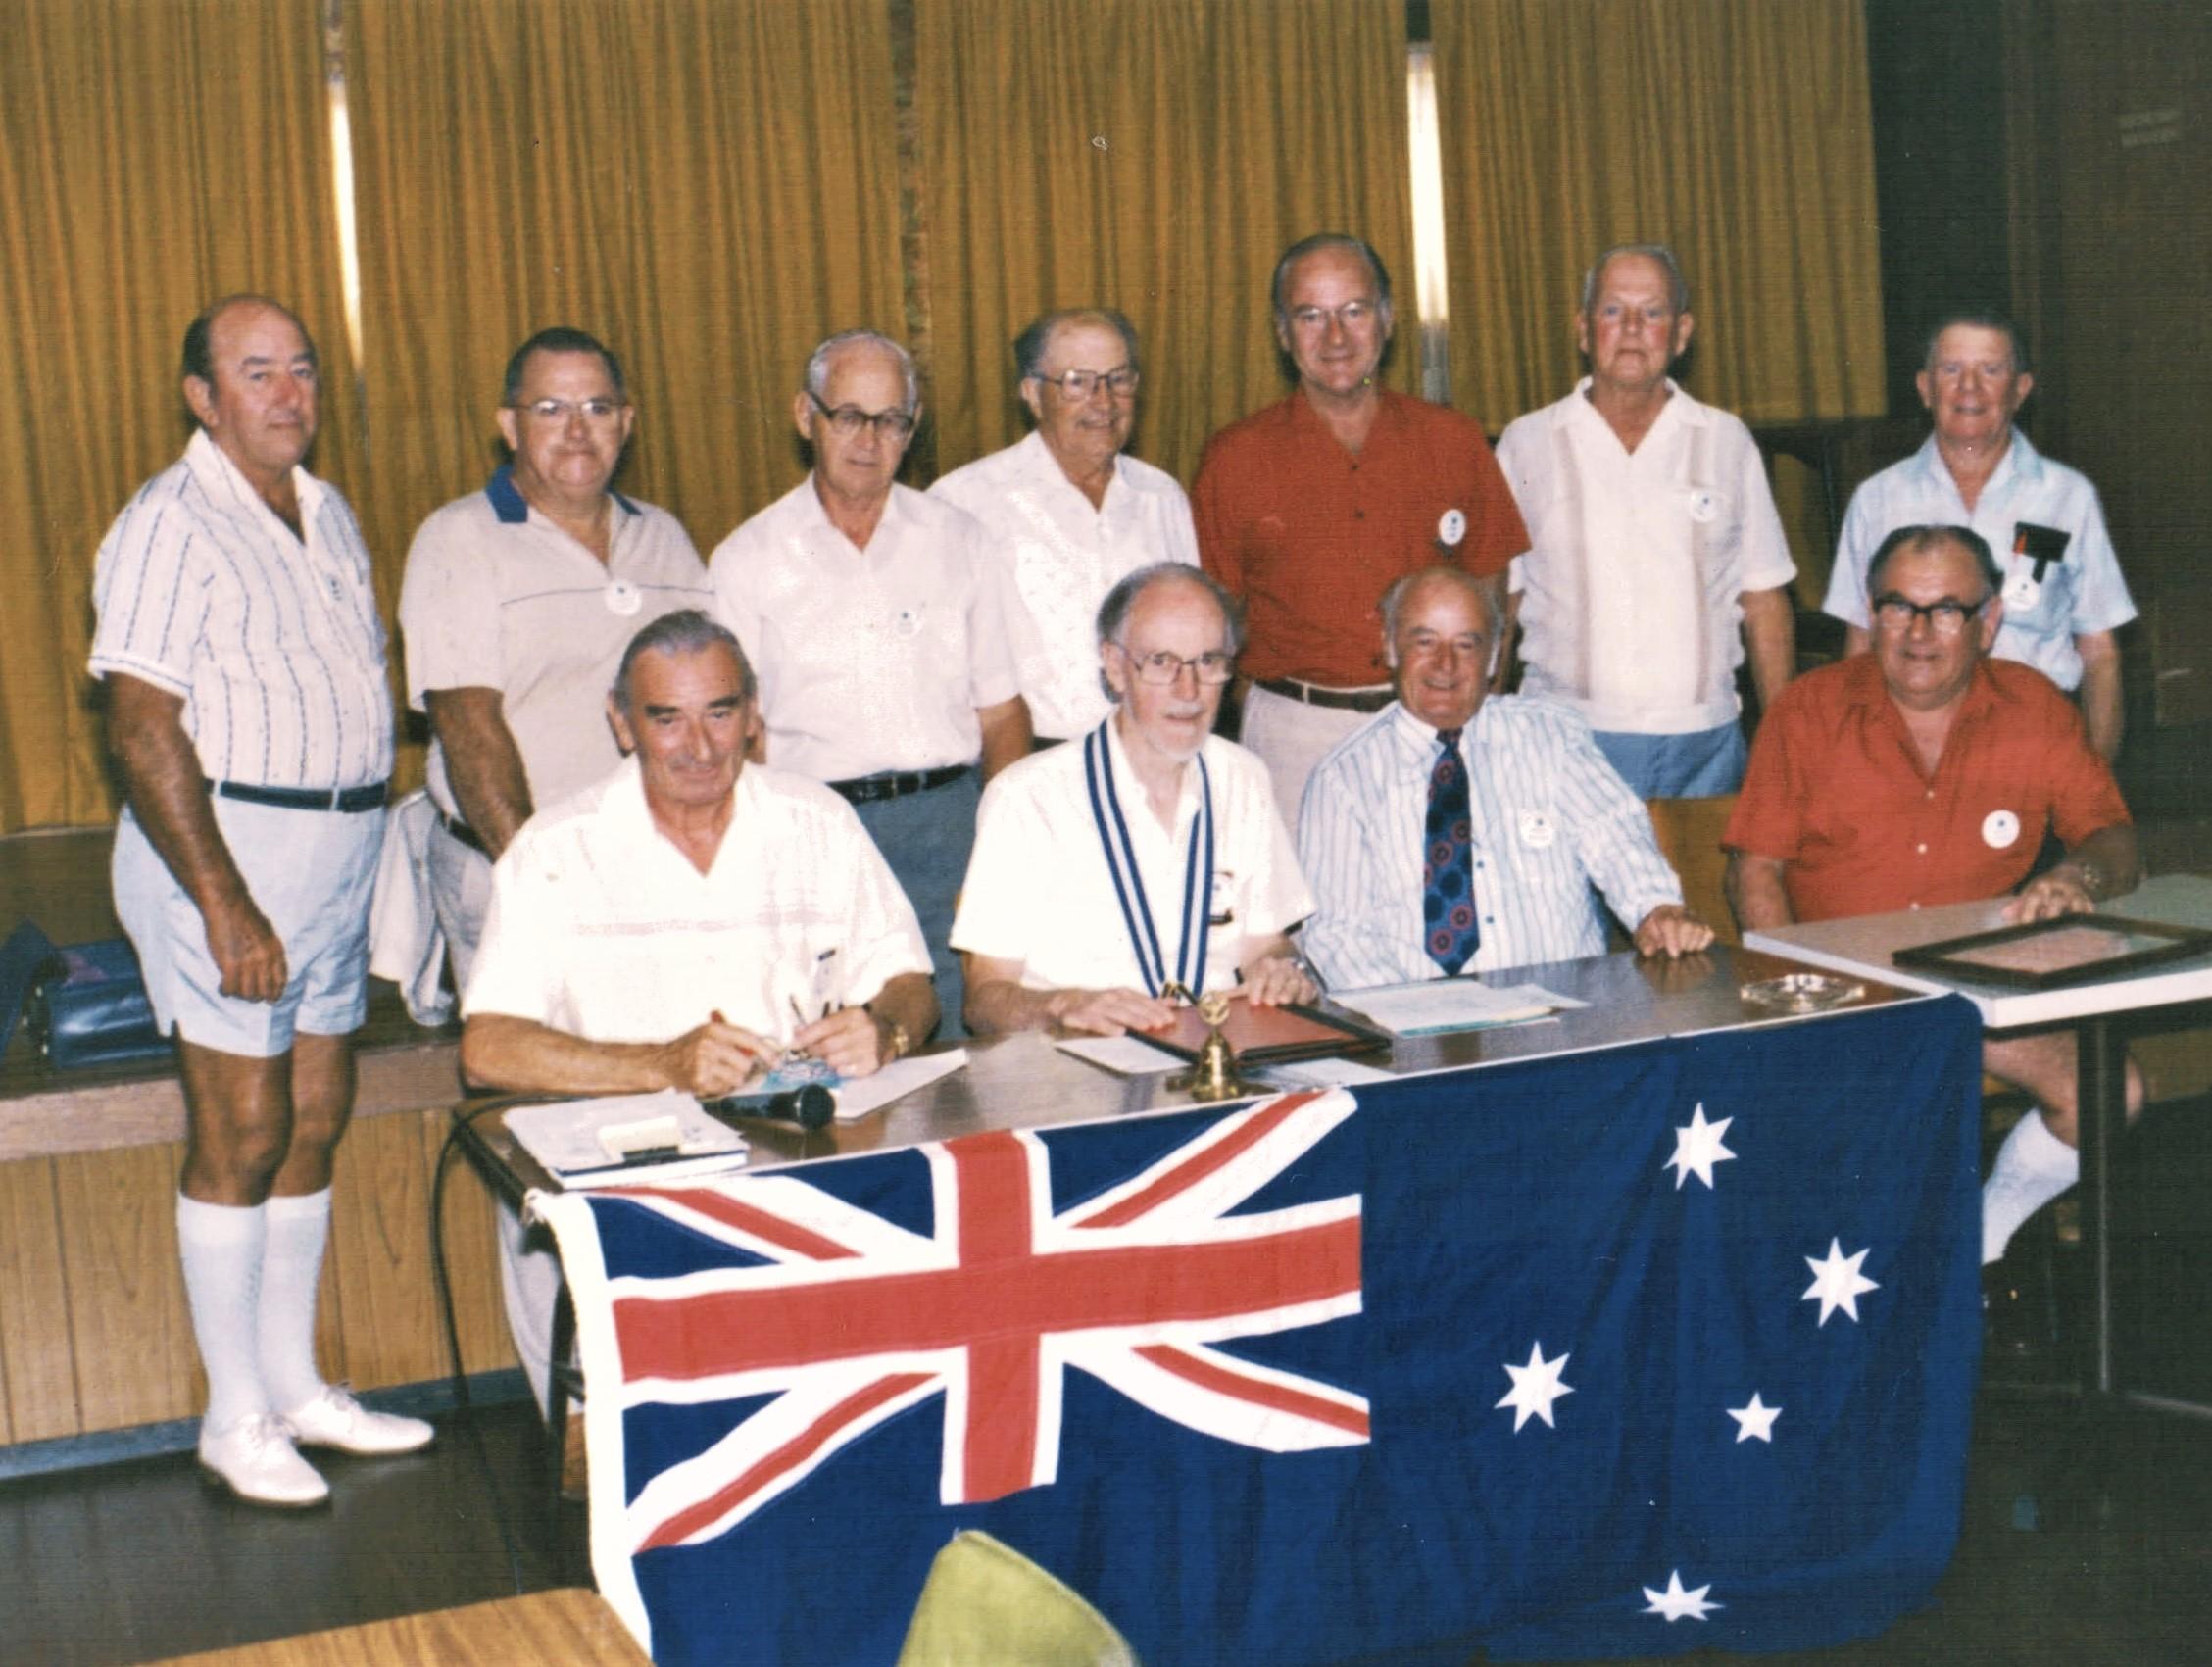 1986 Meetings Executive Committee 22-4-8